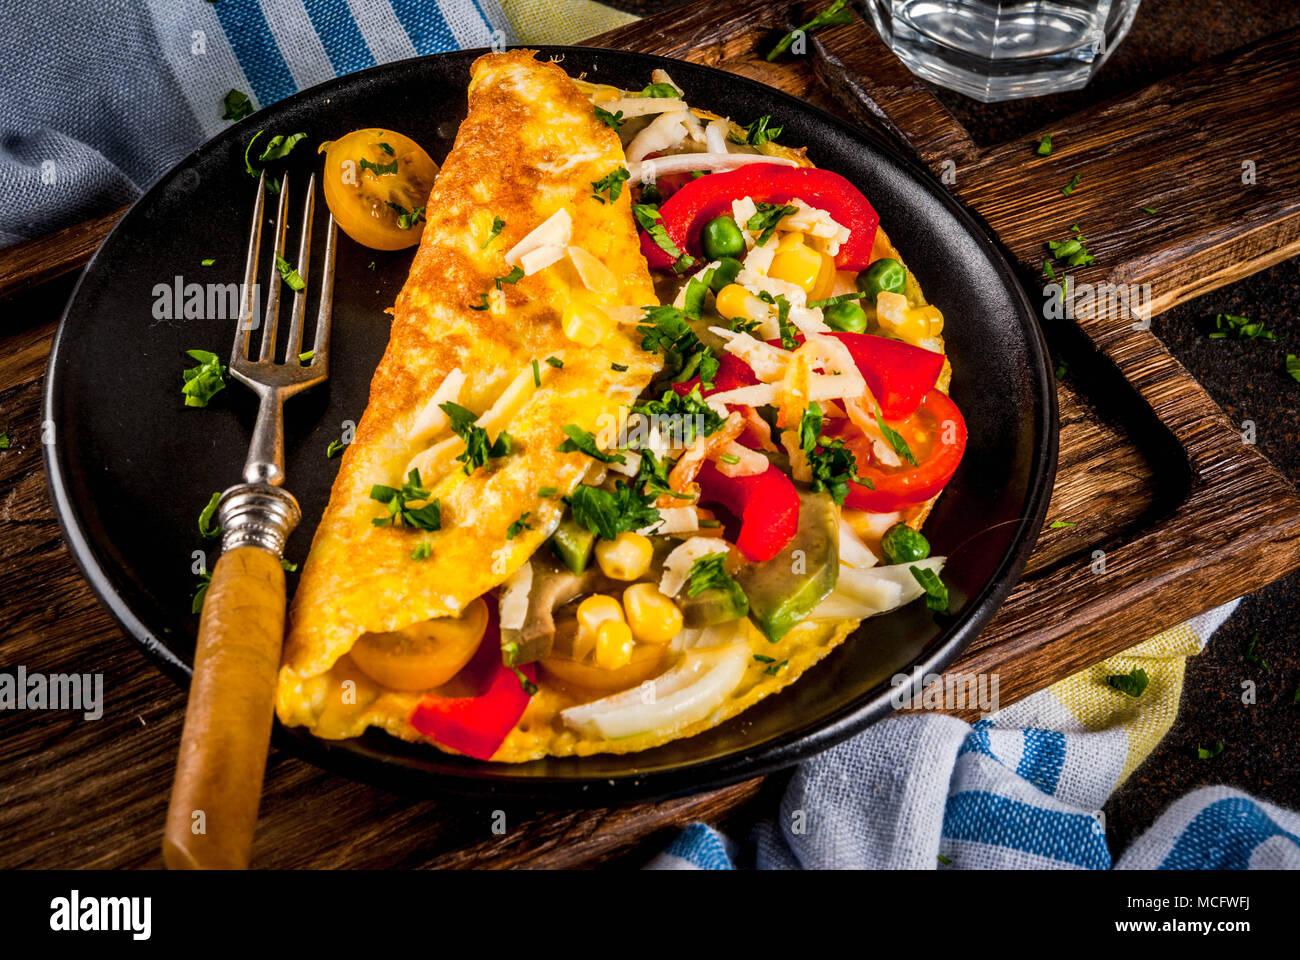 Gesundes Frühstück essen, Gefüllte Eier Omelett mit Gemüse, dunklen konkreten Hintergrund Kopie Raum Stockbild